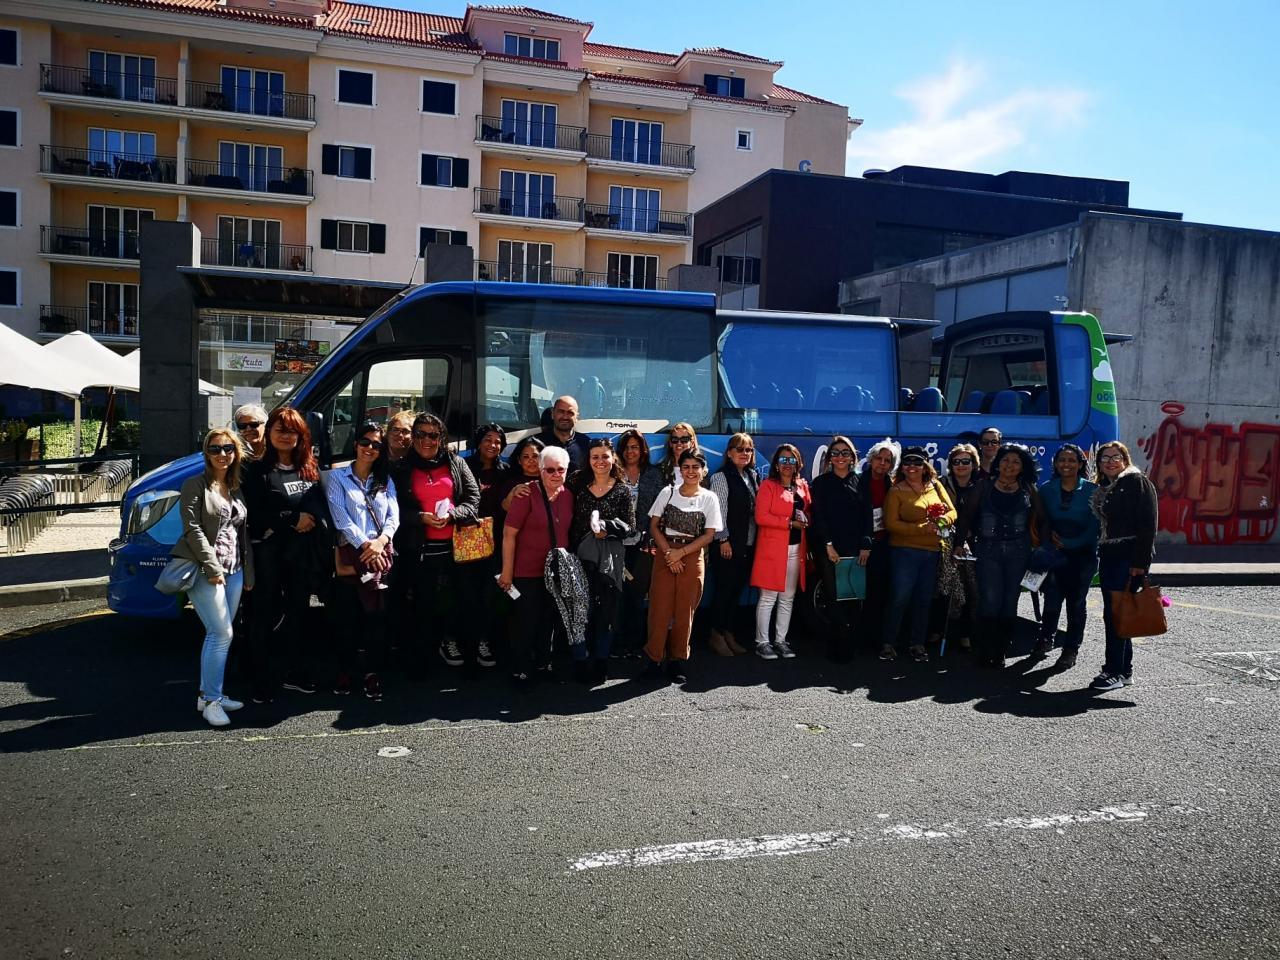 Dia Internacional da Mulher - Passeio com as voluntárias do CASA - Caniço